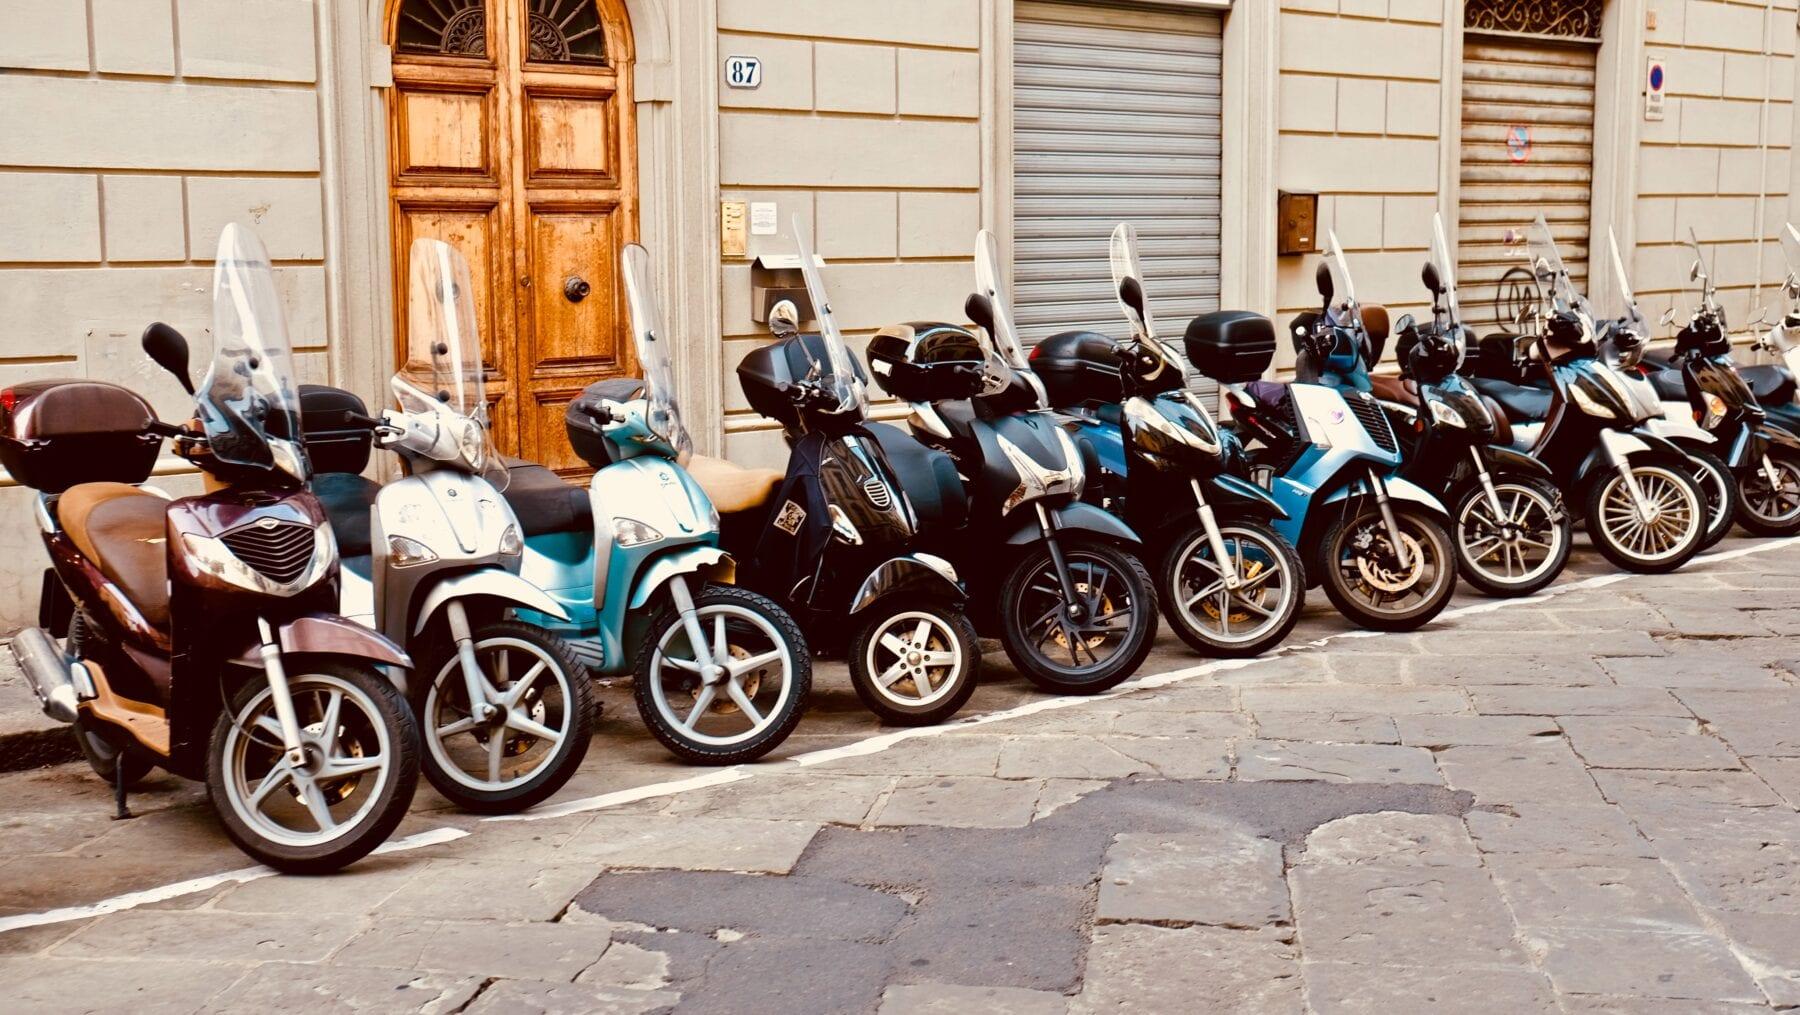 Scooters passignano sul trasimeno